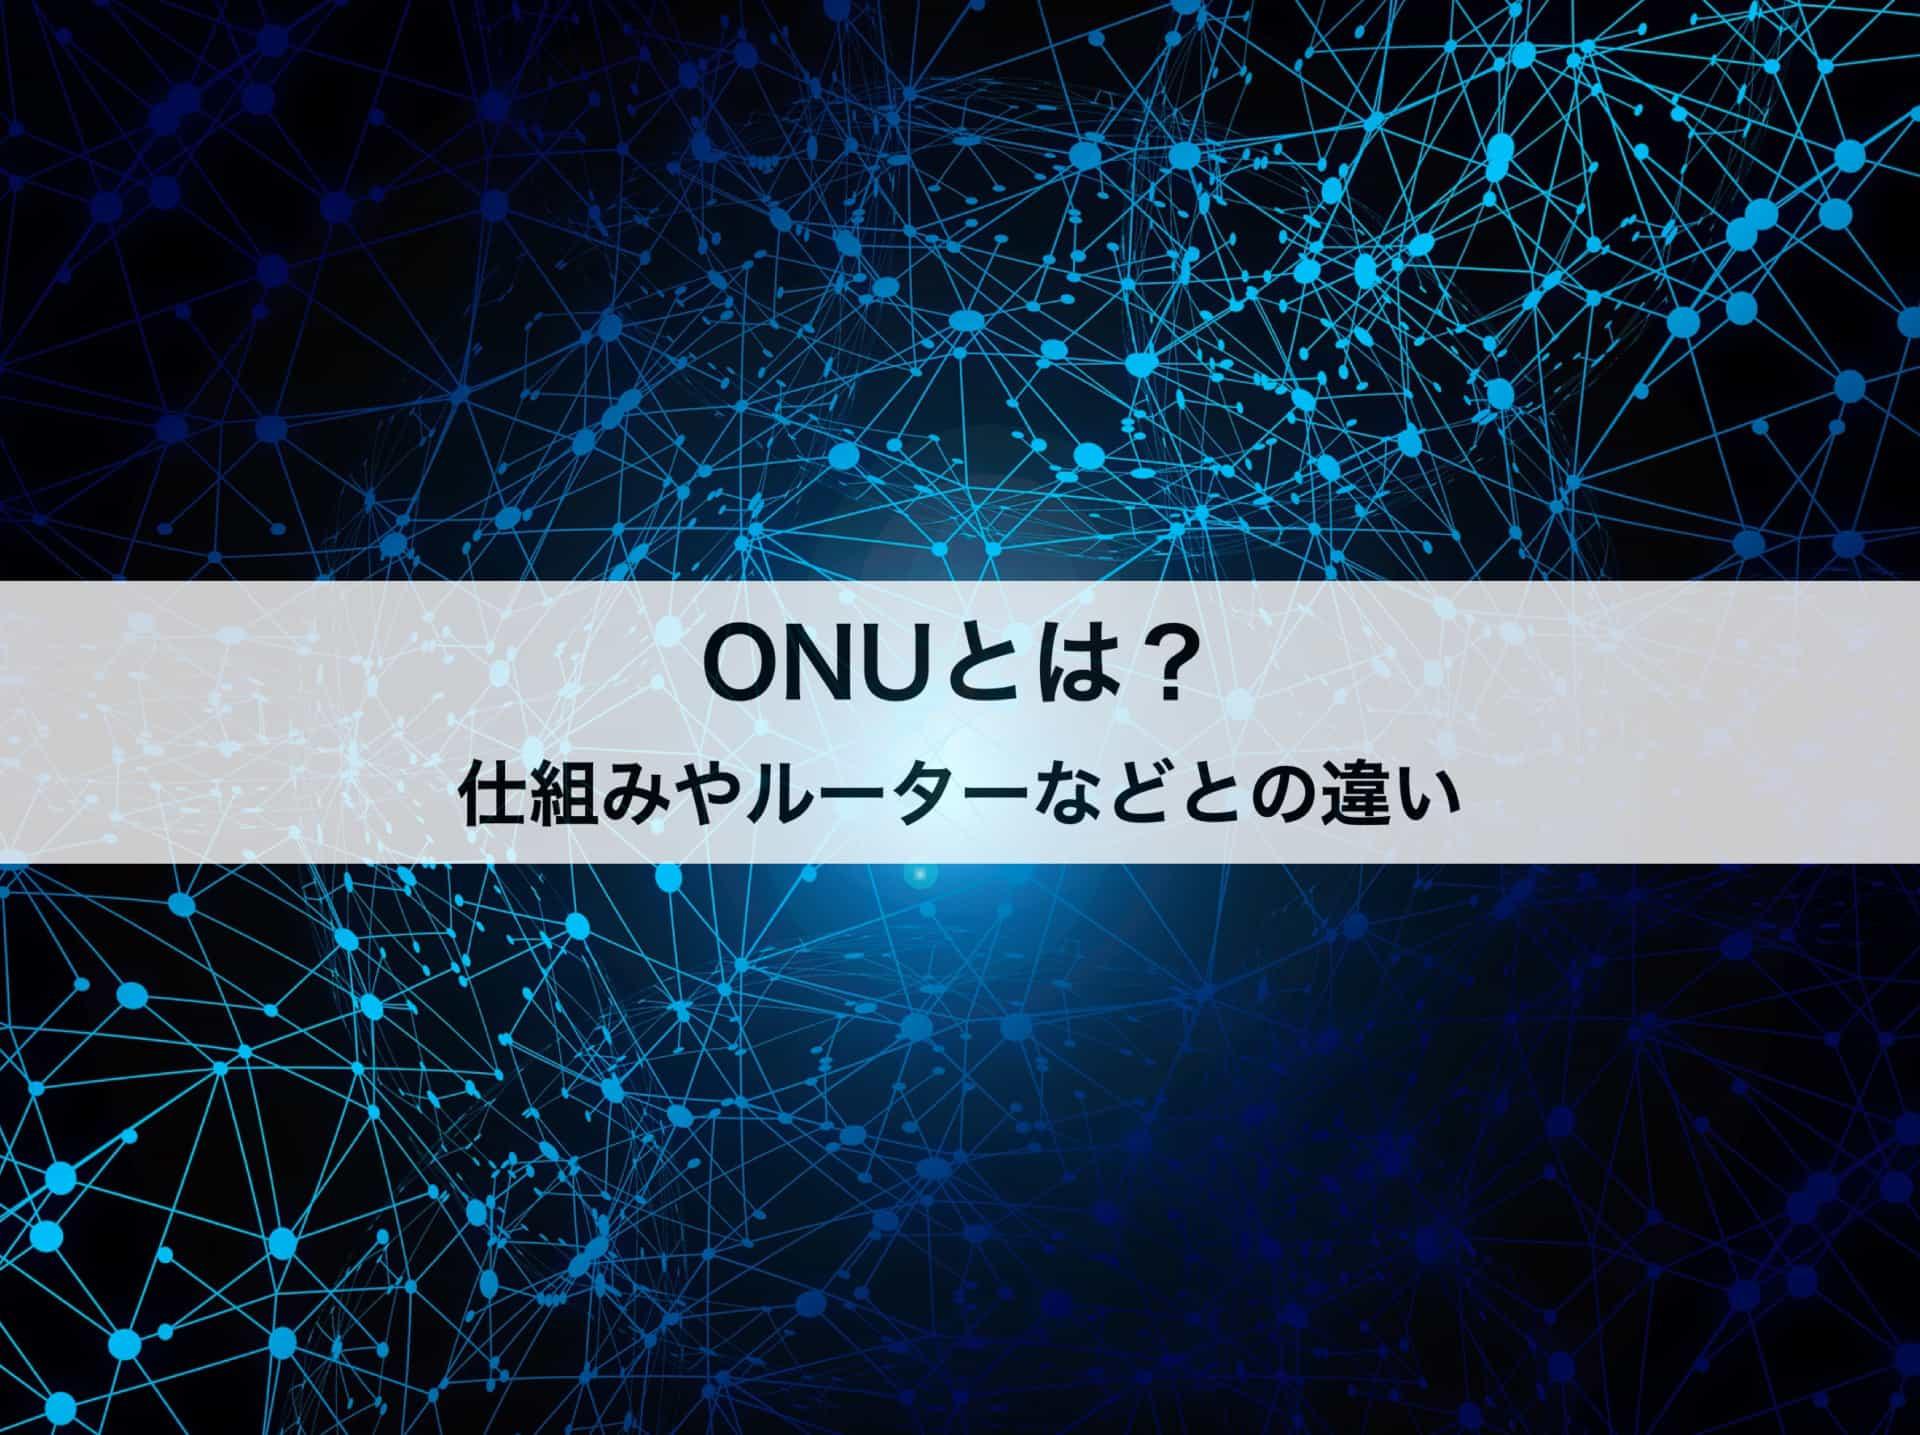 ONUとは?仕組みや役割、ルーターやモデムなどとの違いもわかりやすく解説!